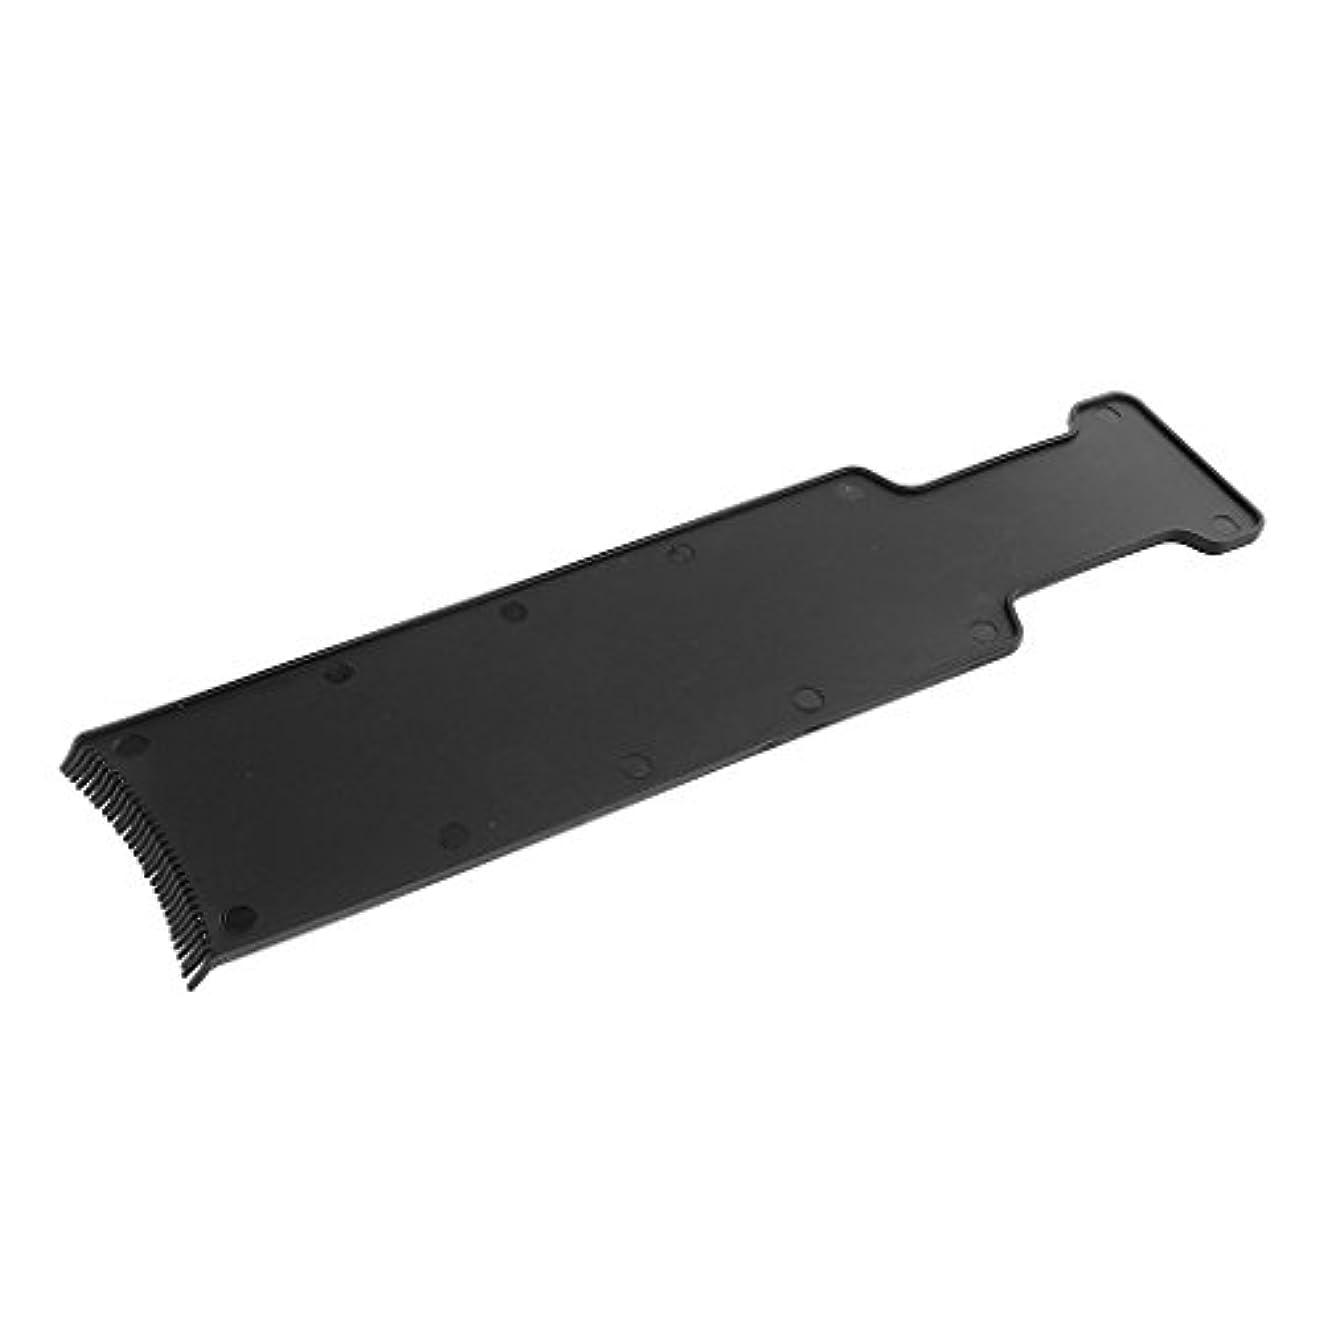 不調和マイナスロードブロッキングPerfeclan ヘアカラーボード サロン ヘアカラー 美容 ヘア ツール 髪 保護 ブラック 全4サイズ - L